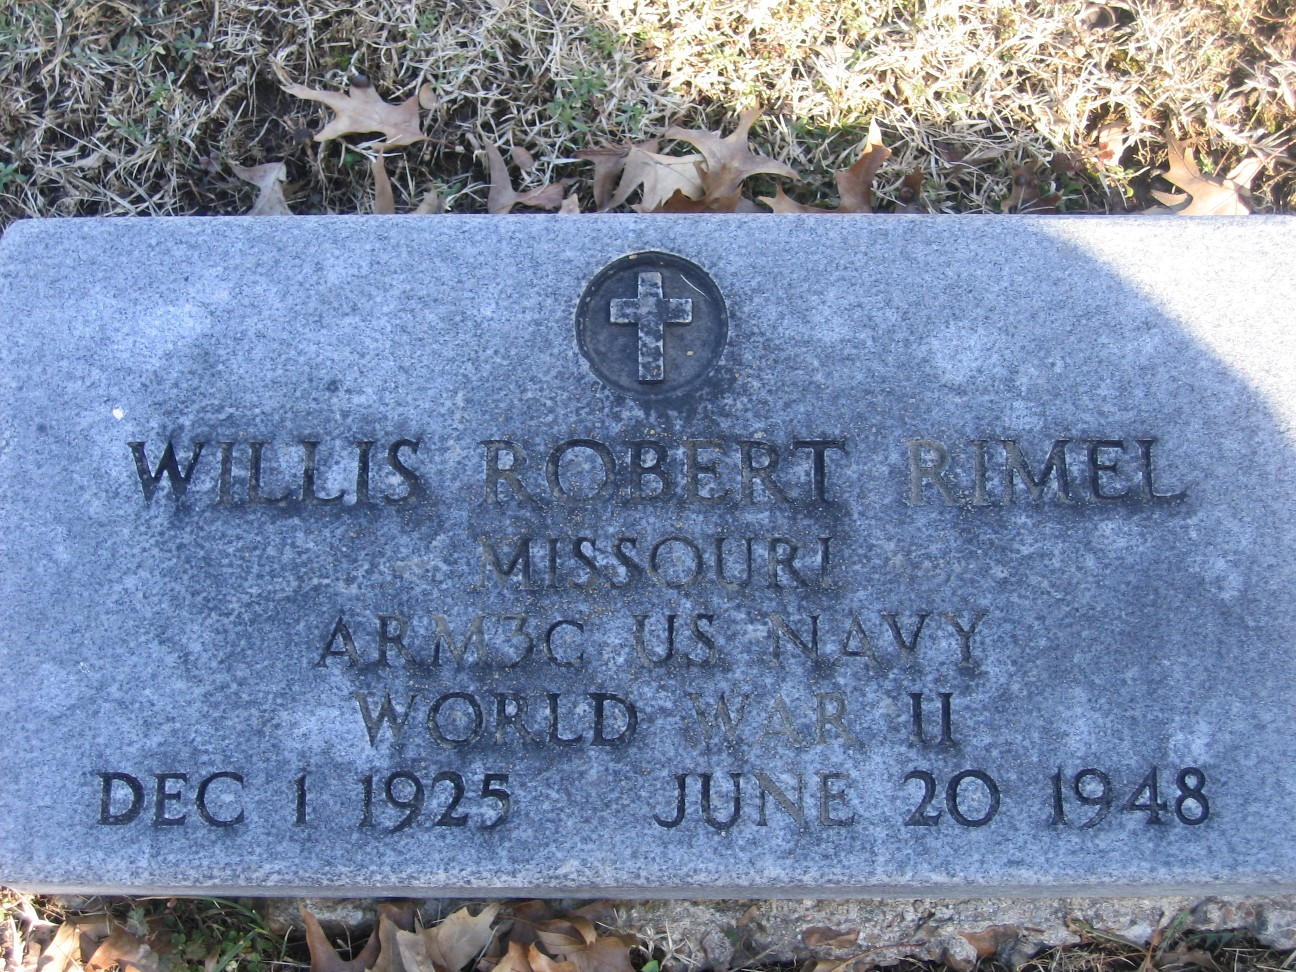 John Robert Rimel